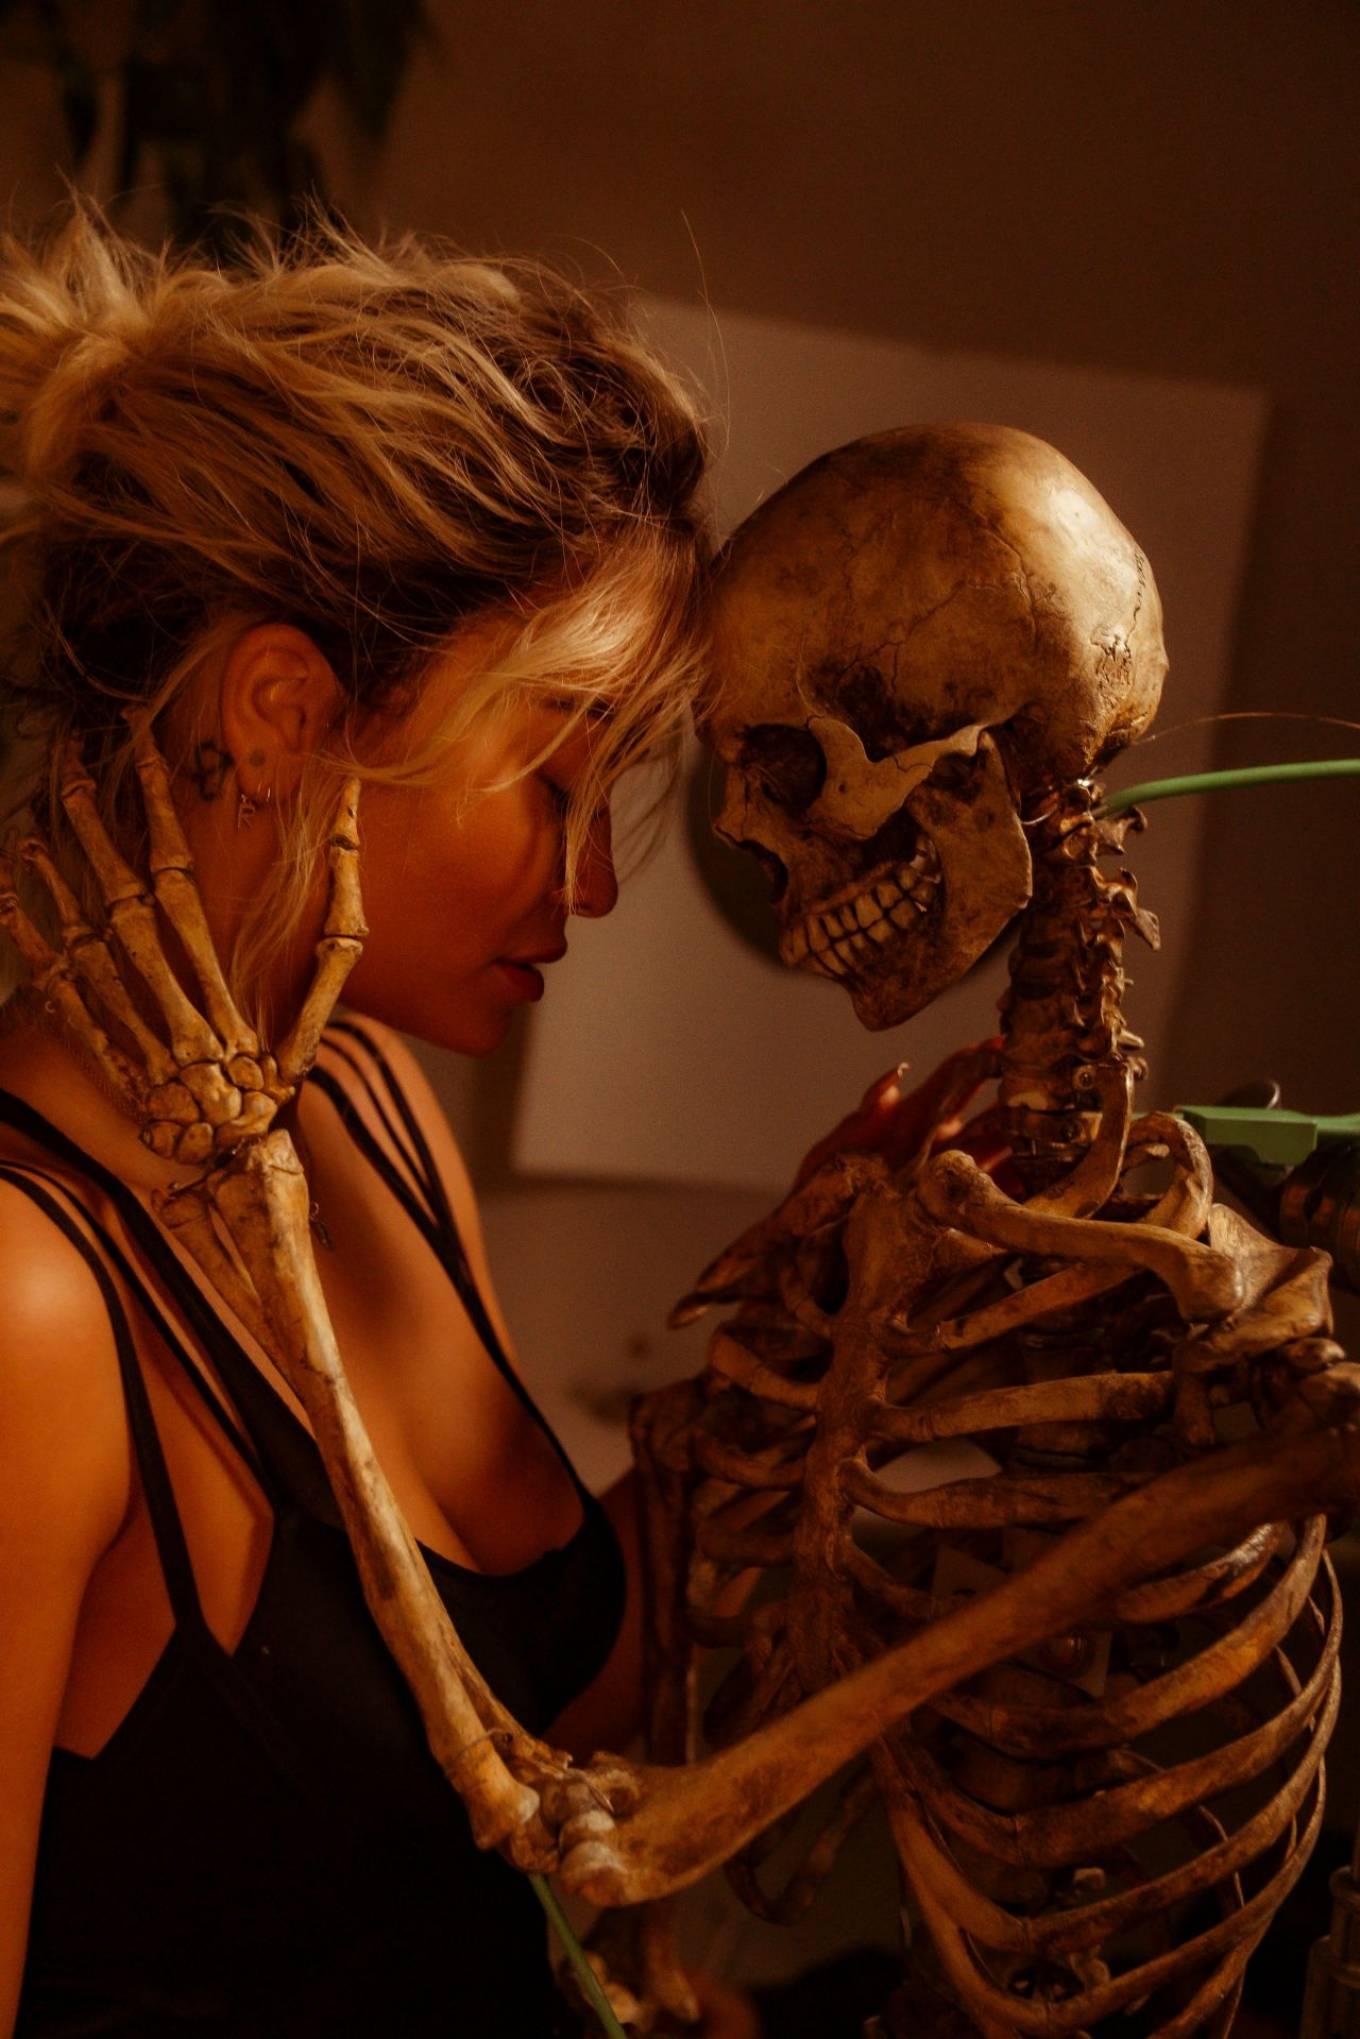 Rita Ora 2020 : Rita Ora – How To Be Lonely Promos 2020-07